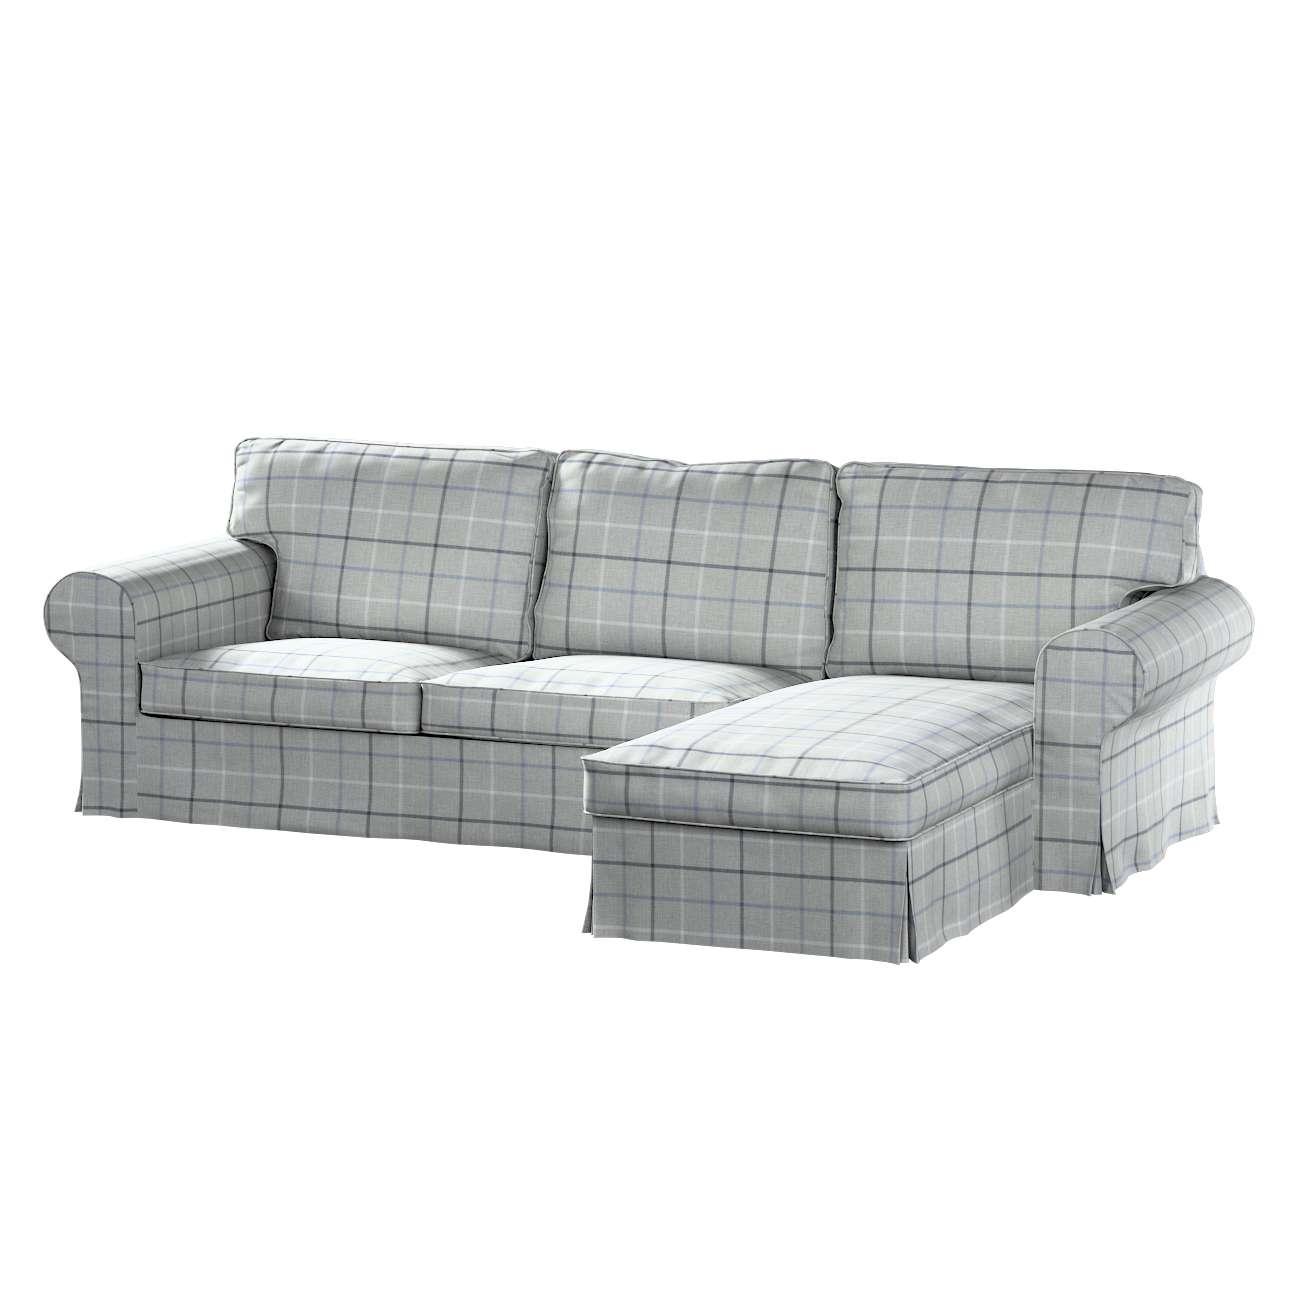 Pokrowiec na sofę Ektorp 2-osobową i leżankę w kolekcji Edinburgh, tkanina: 703-18